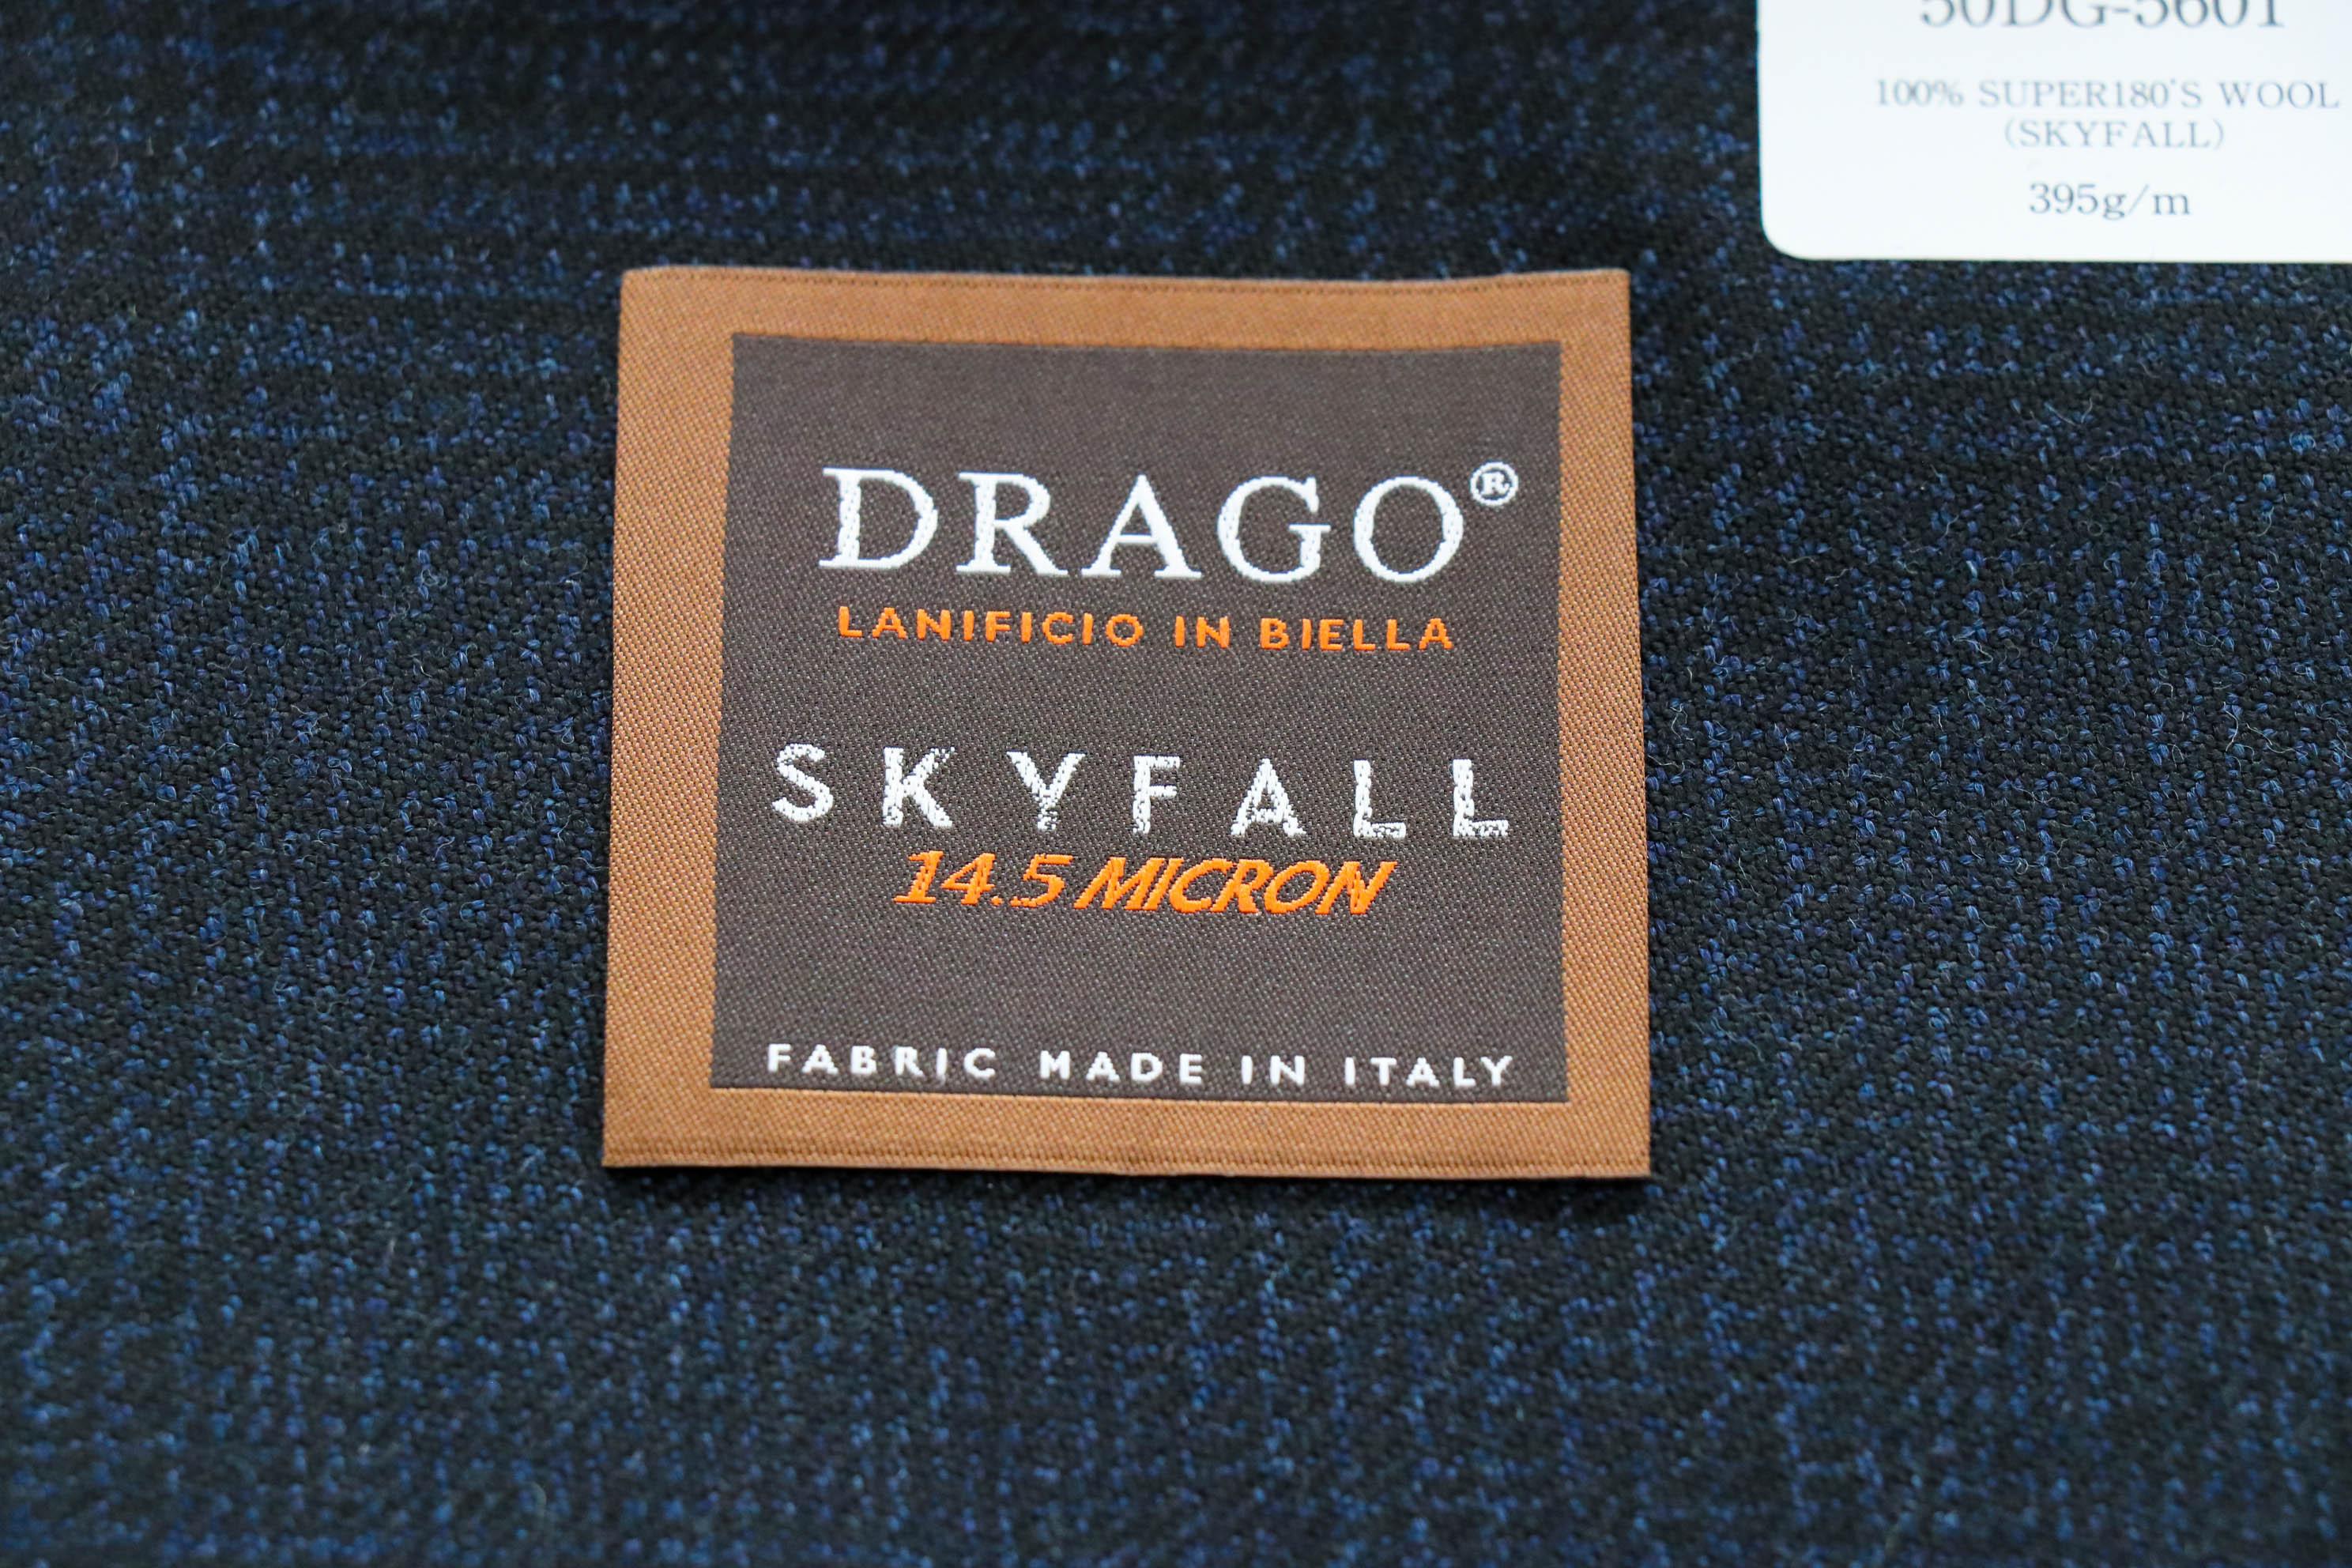 高い機能性と洗練されたスタイルが特徴【DRAGO ドラゴ】